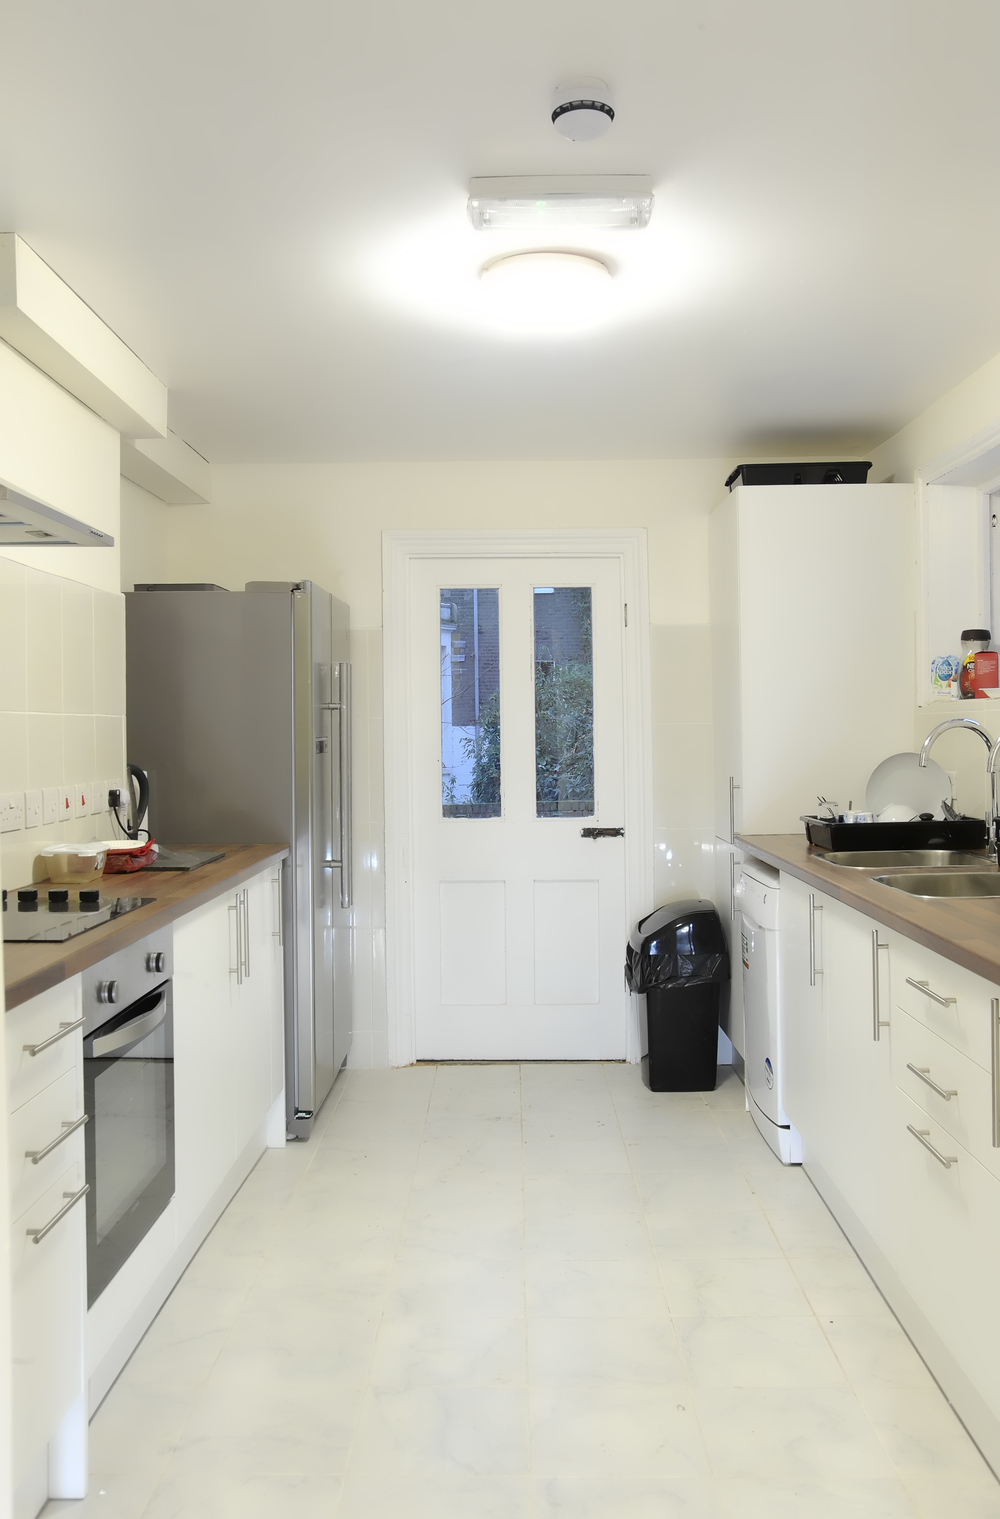 shared-hostel-kitchen.jpg